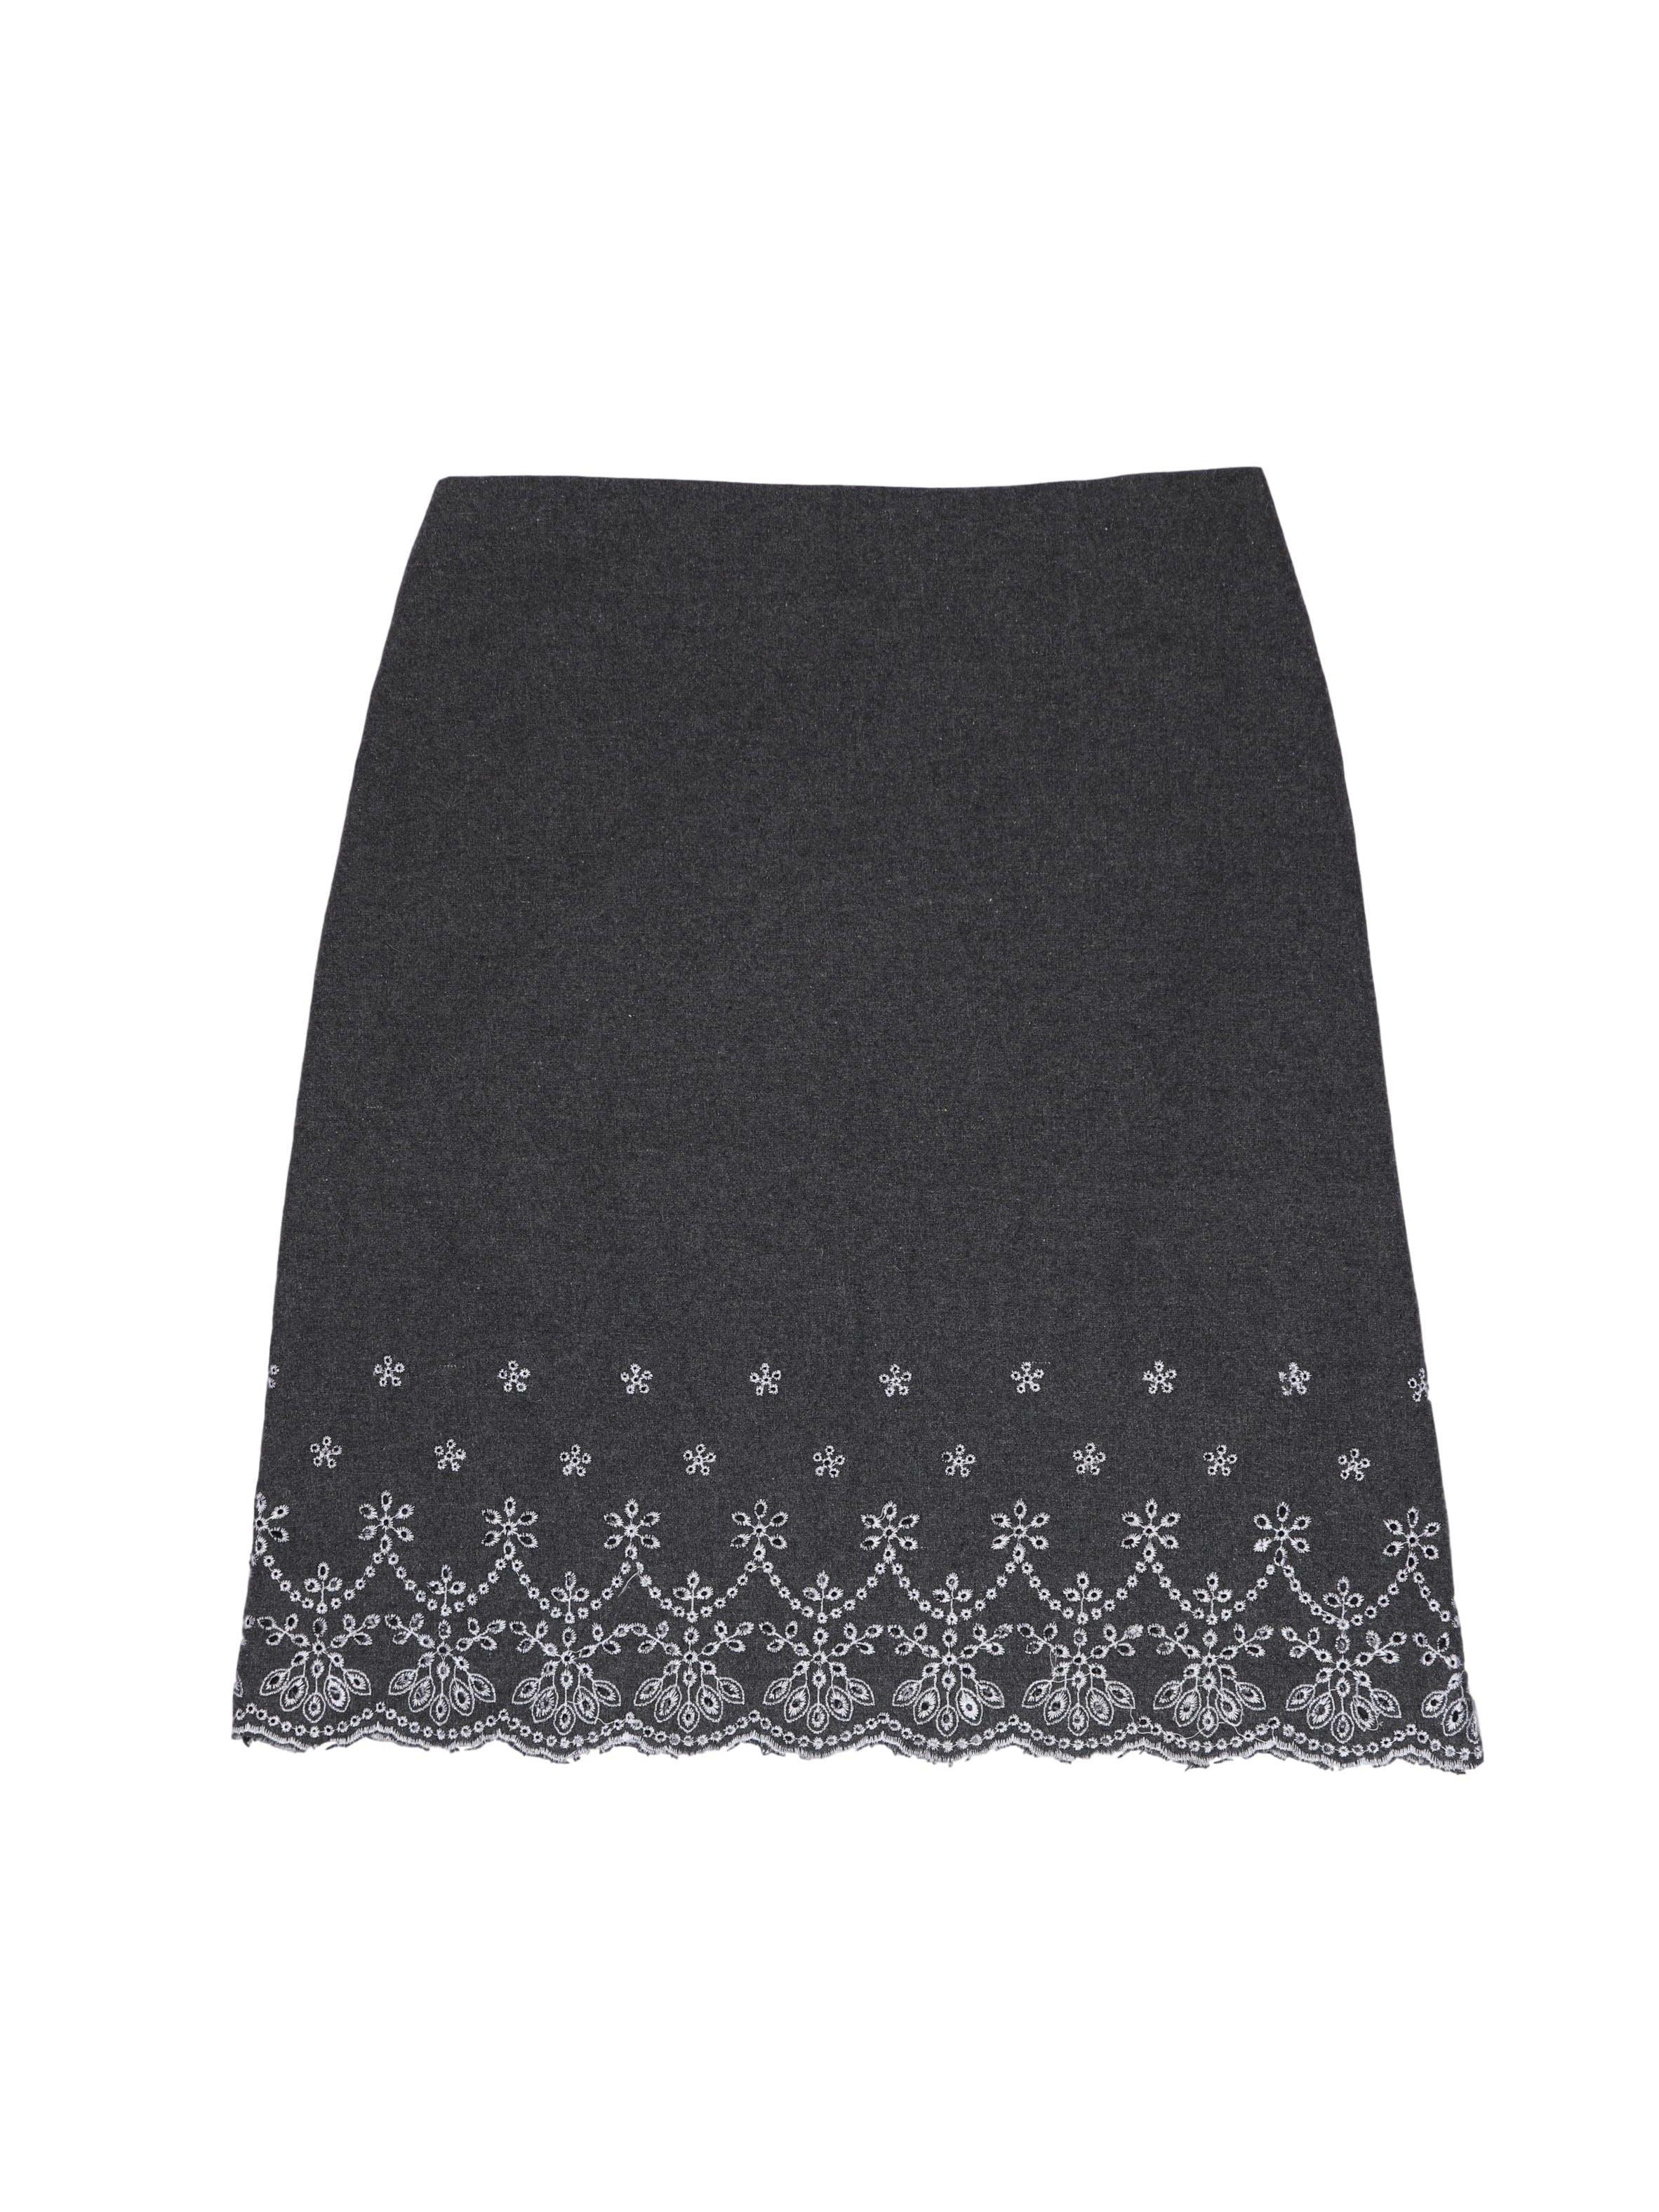 Falda gris tipo lanilla con perforaciones y bordados blancos en la basta, lleva forro y cierre lateral. Cintura 76 cm, largo 57 cm